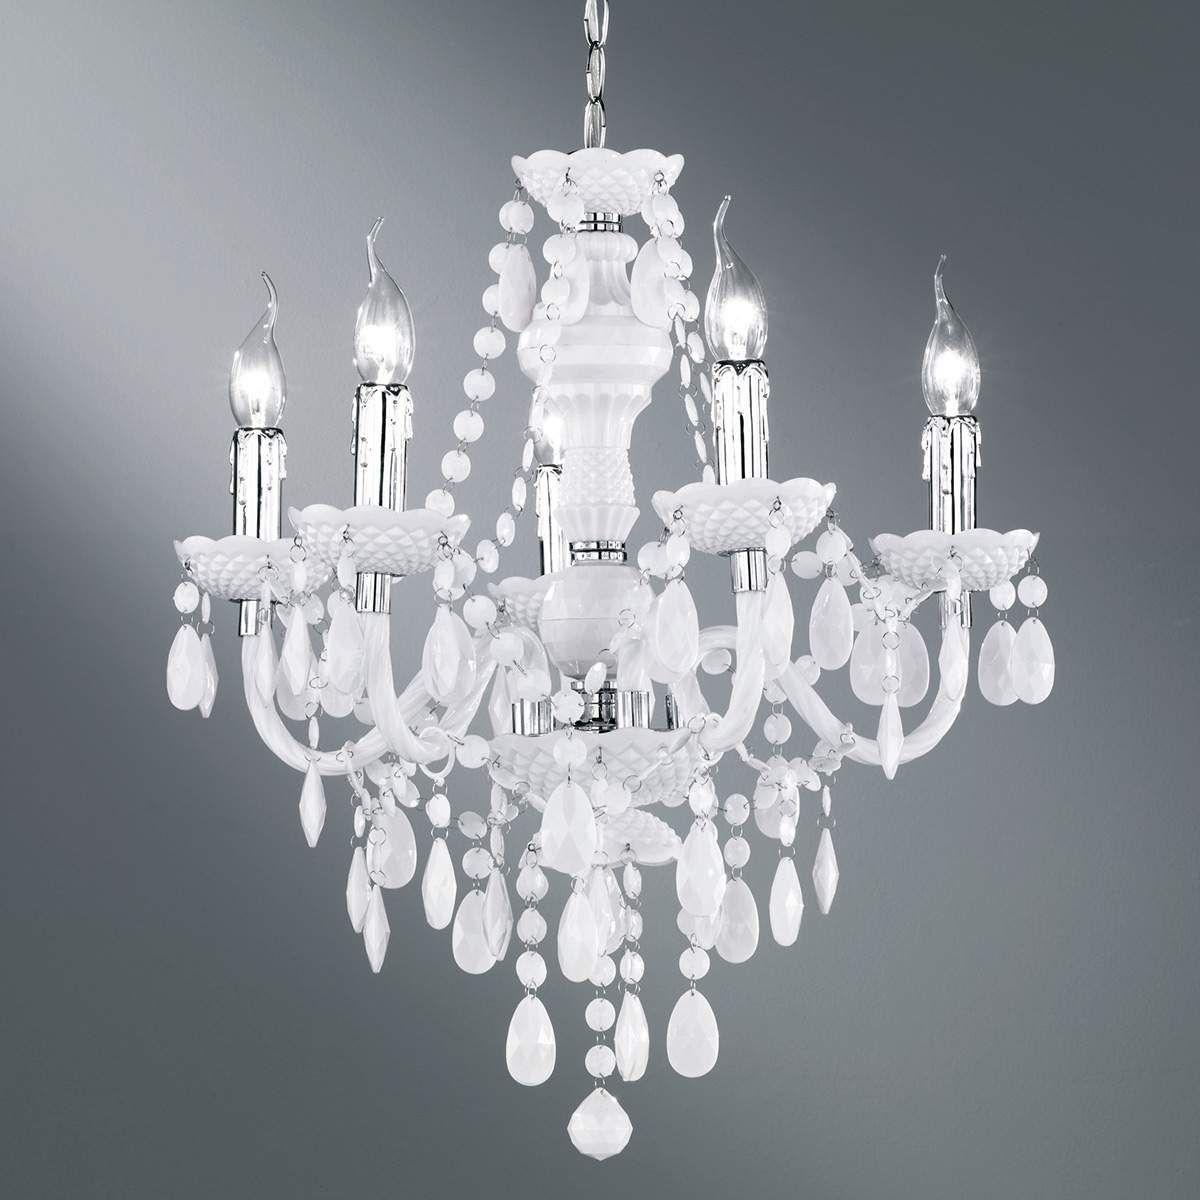 Home, Furniture & DIY Kronleuchter Weiß Gold Ø8cm mit Kristall